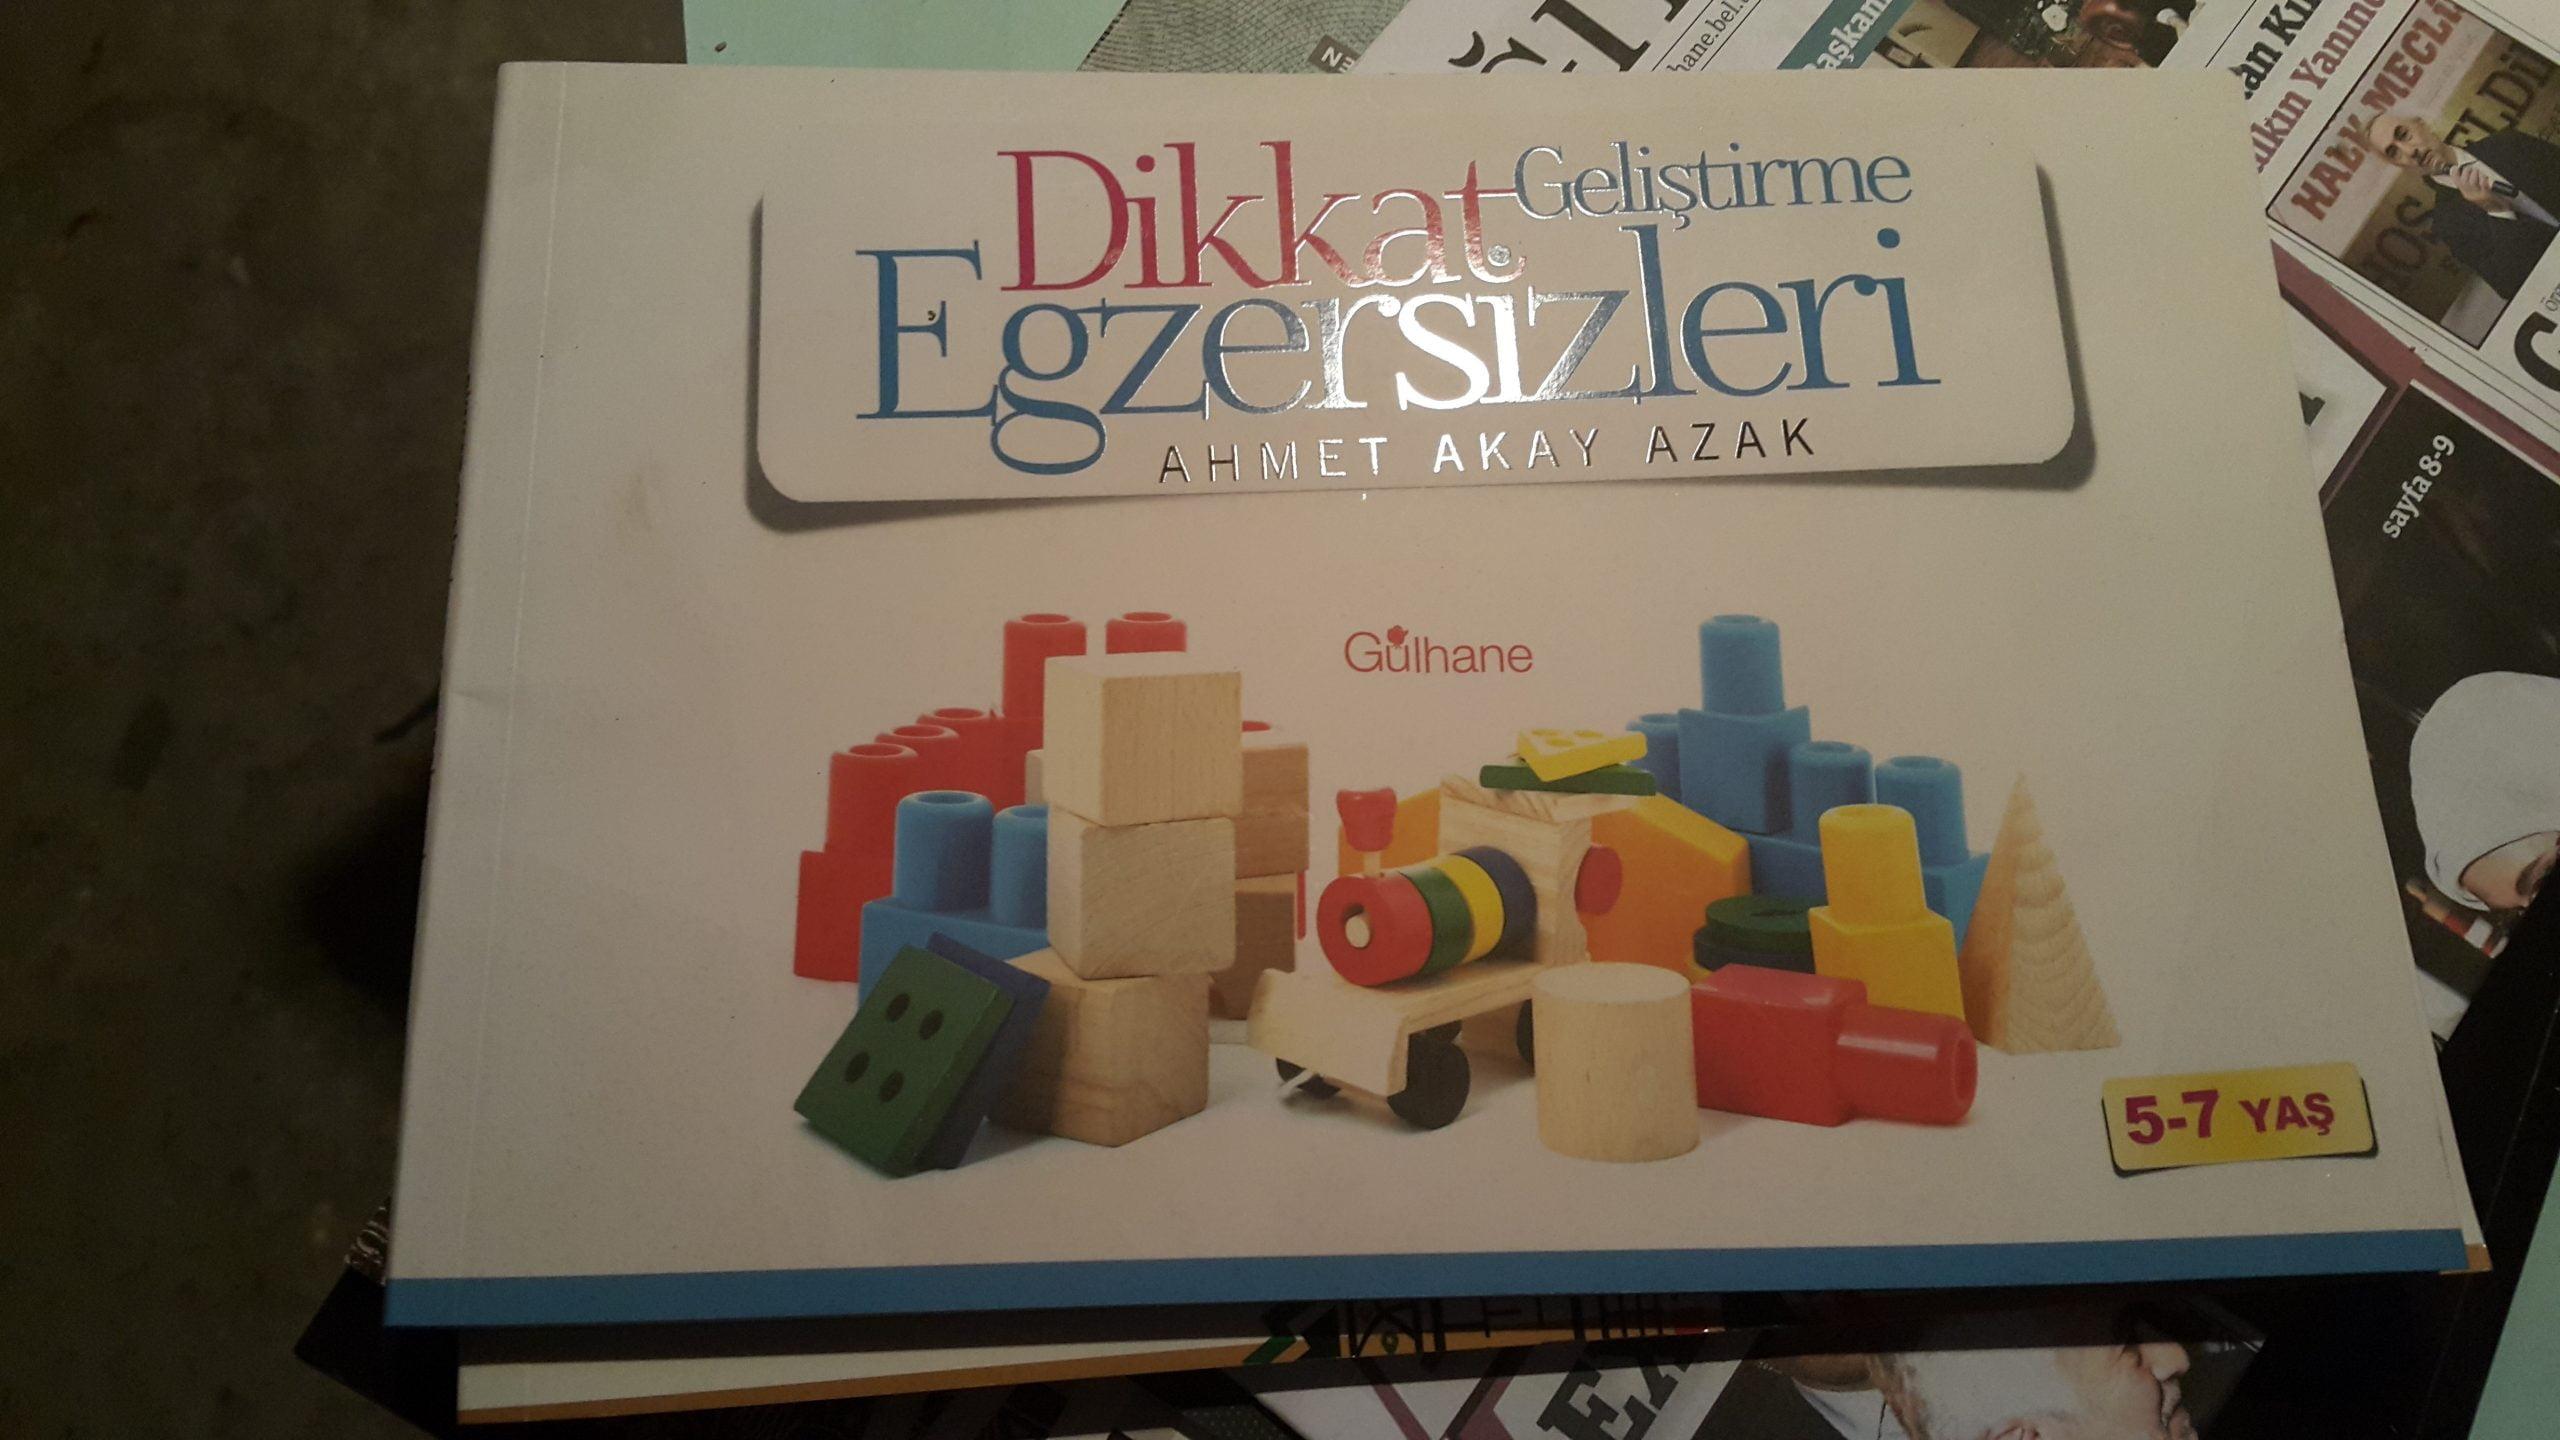 DİKKAT EGZERSİZLERİ/AHMET AKAY